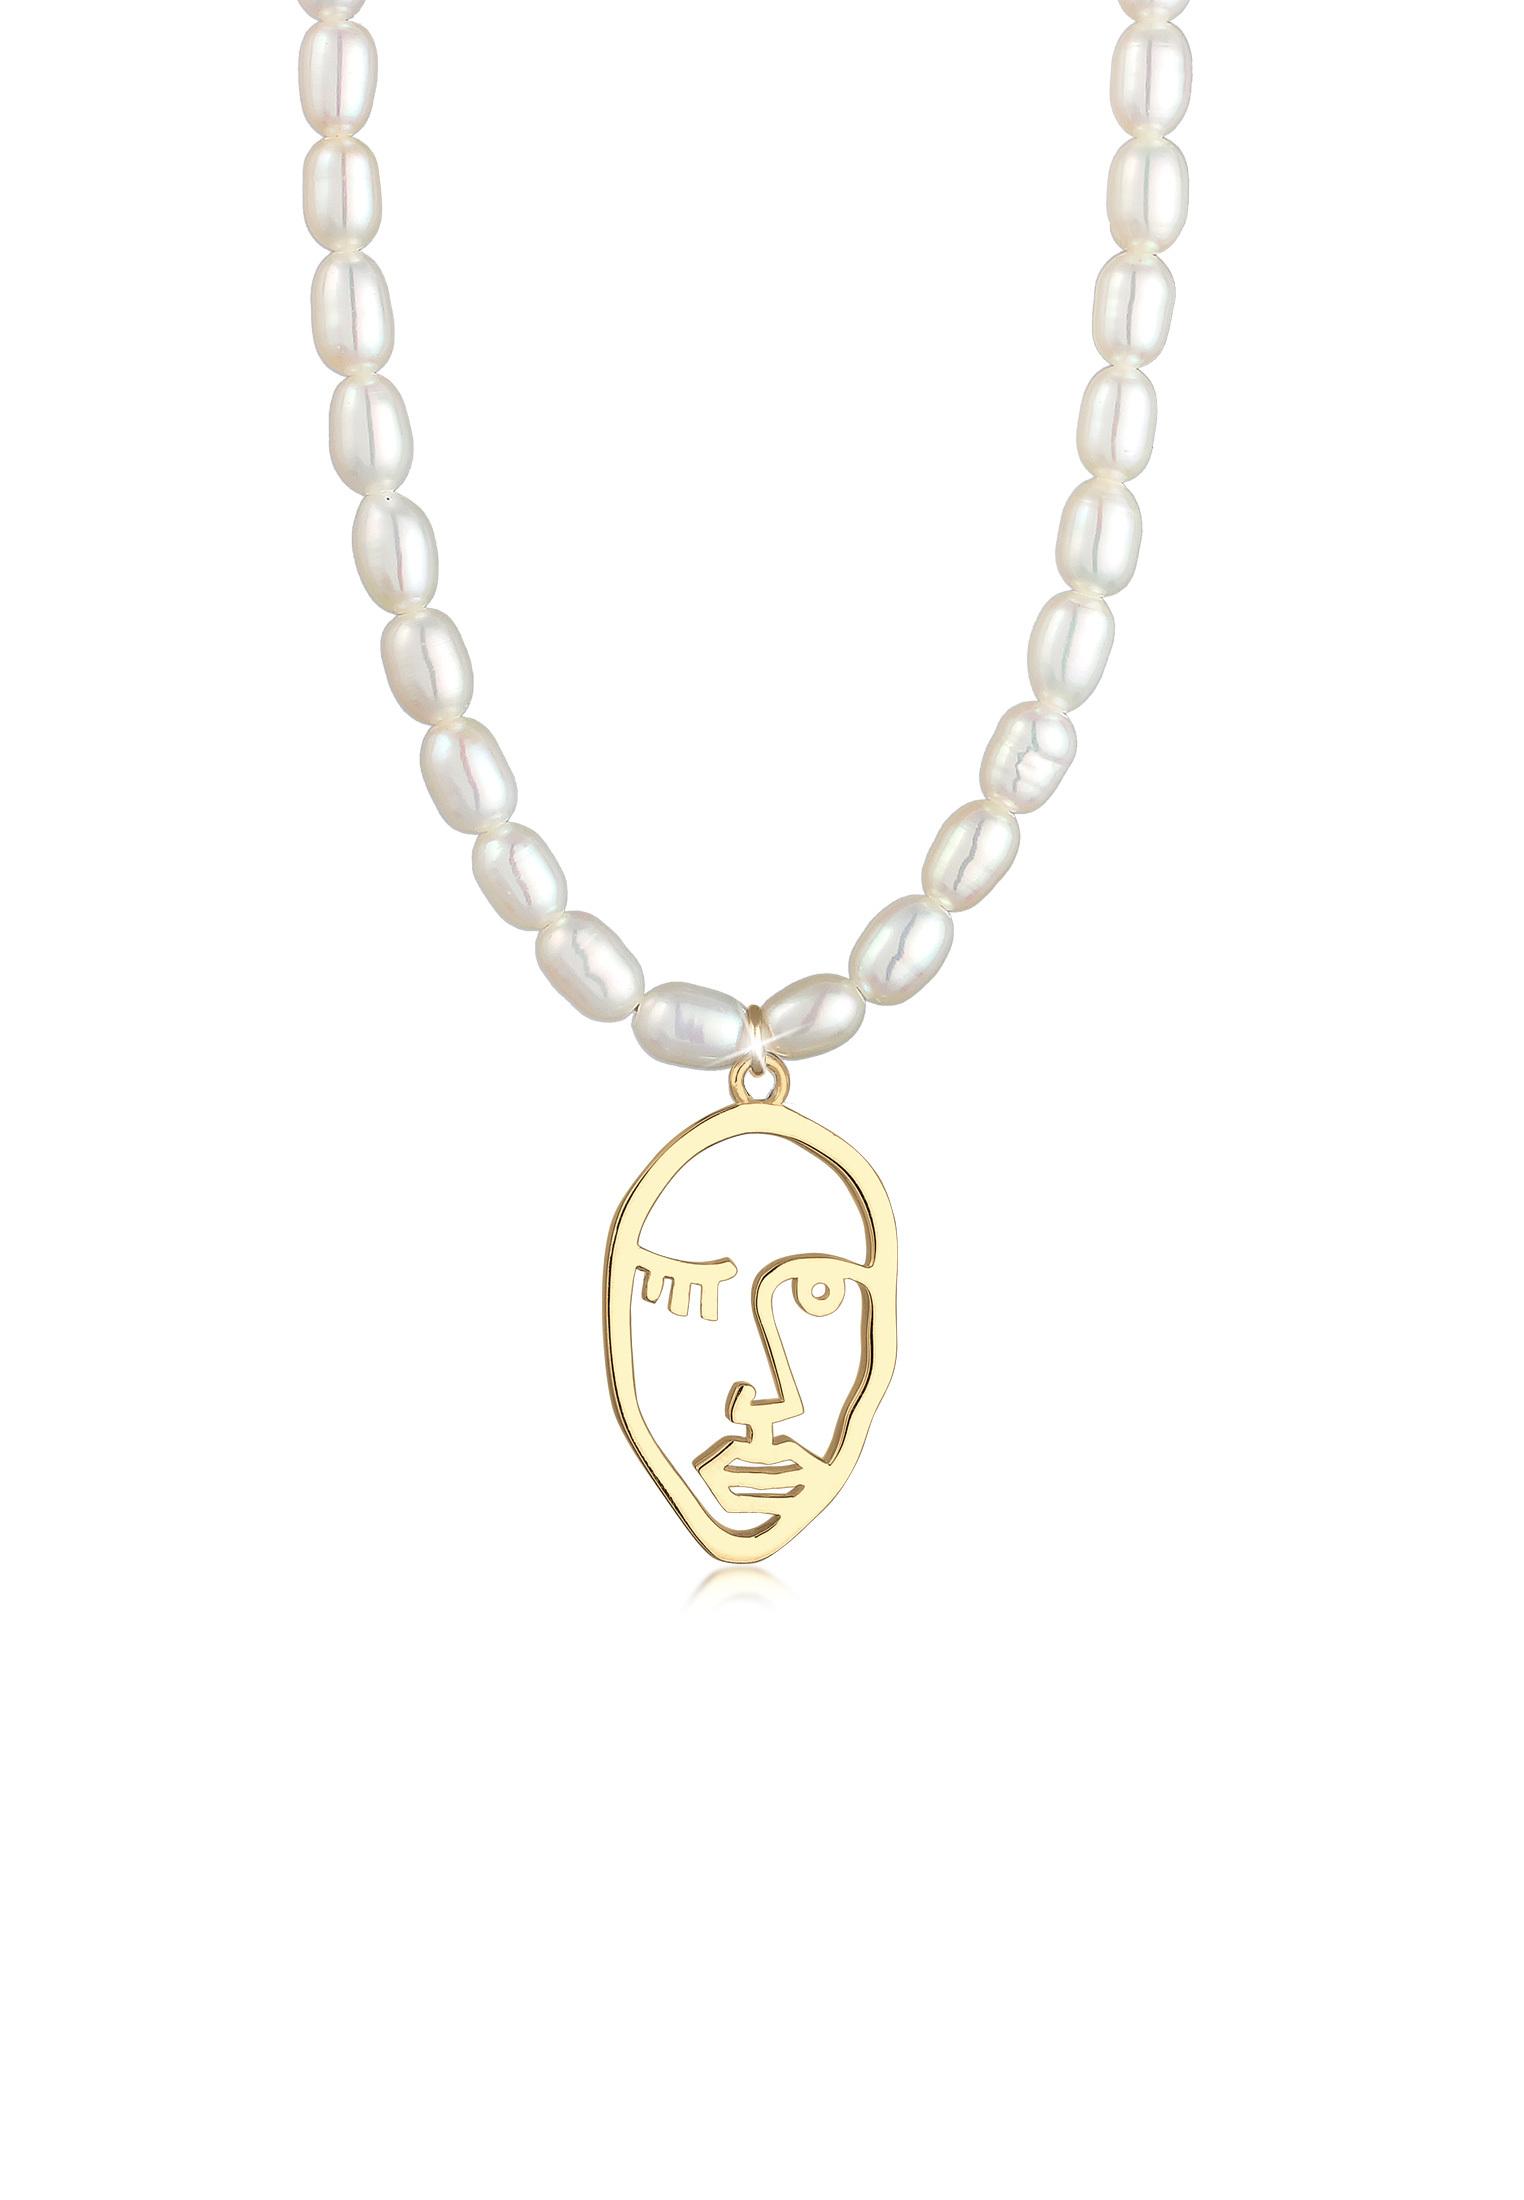 Glieder-Halskette Gesicht | Süßwasserperle | 925 Sterling Silber vergoldet